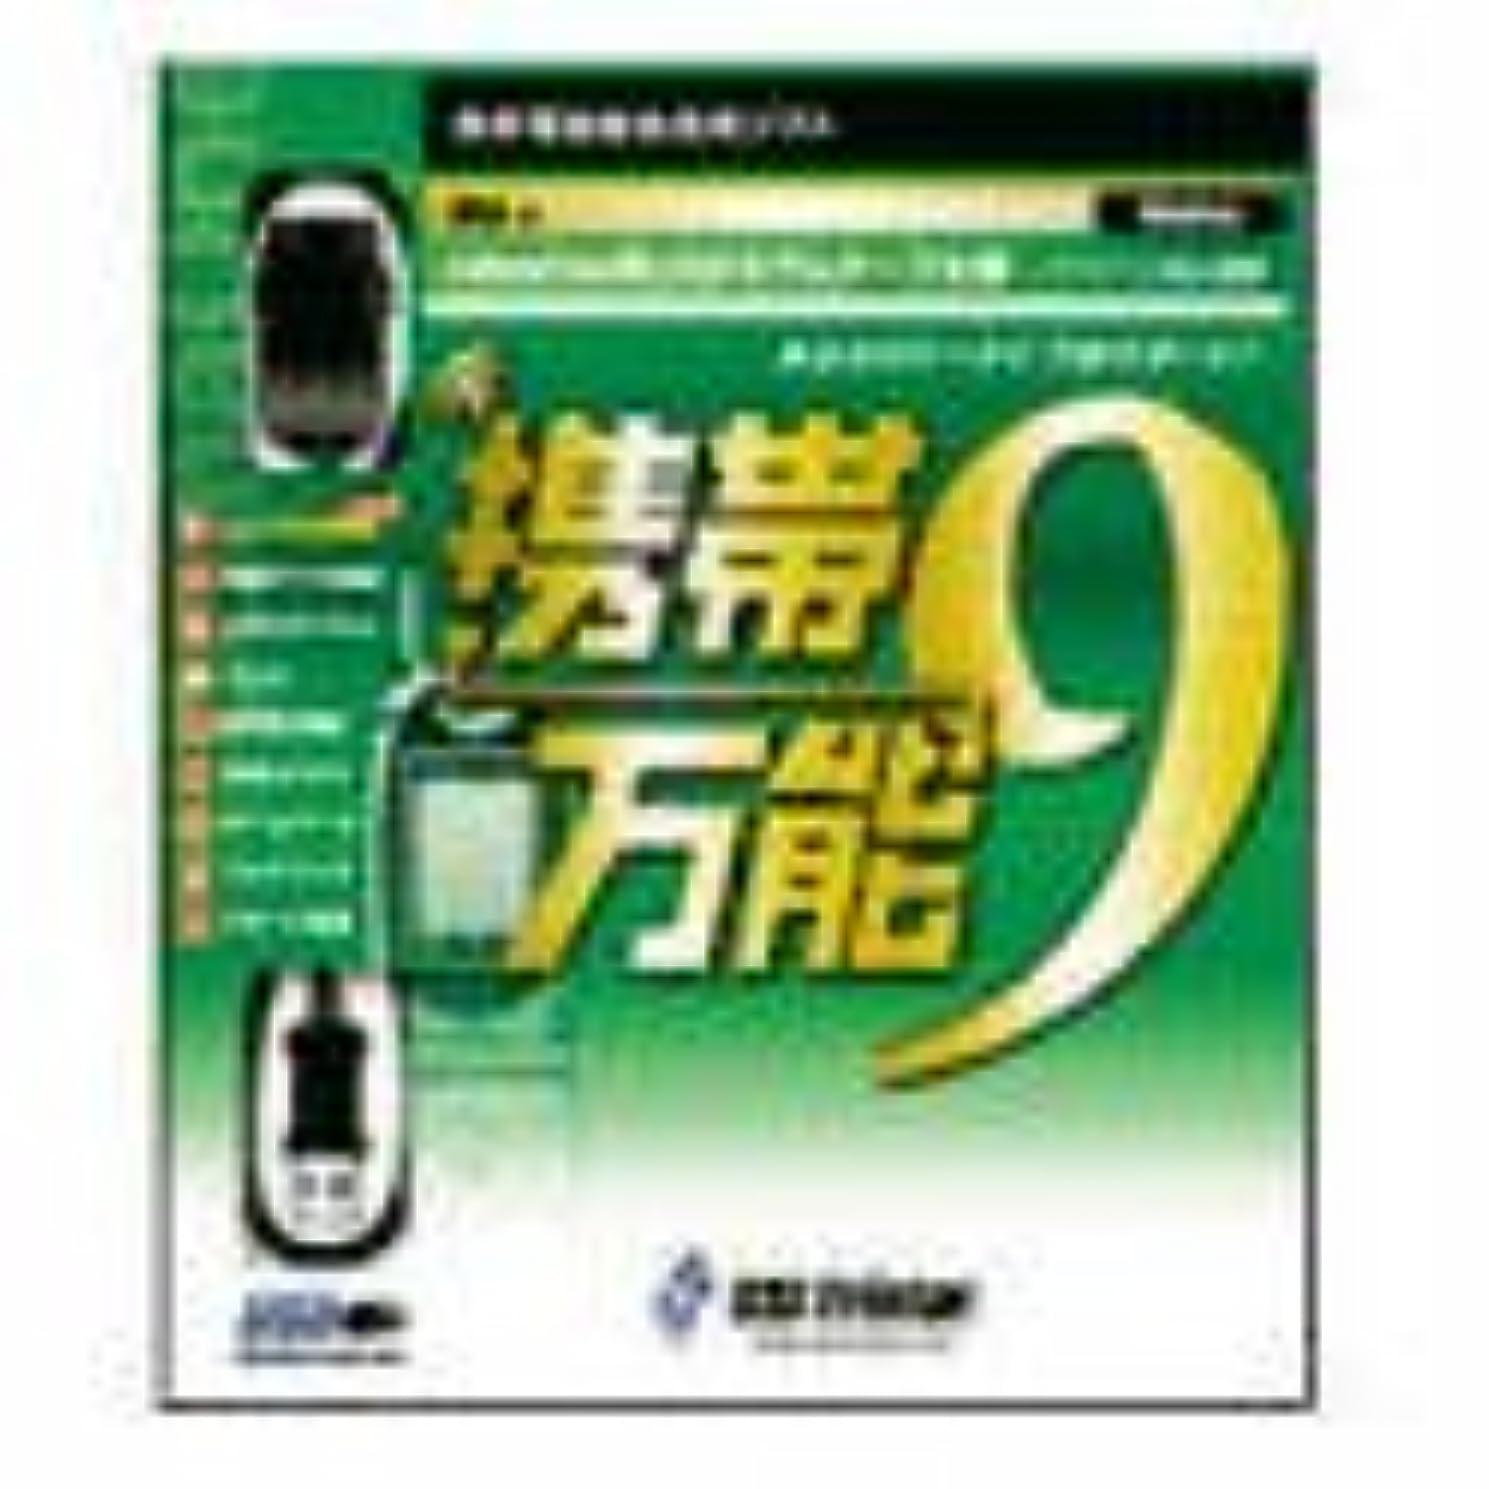 携帯万能 9 cdmaOne用USBモデムケーブル付き 特別キャンペーン